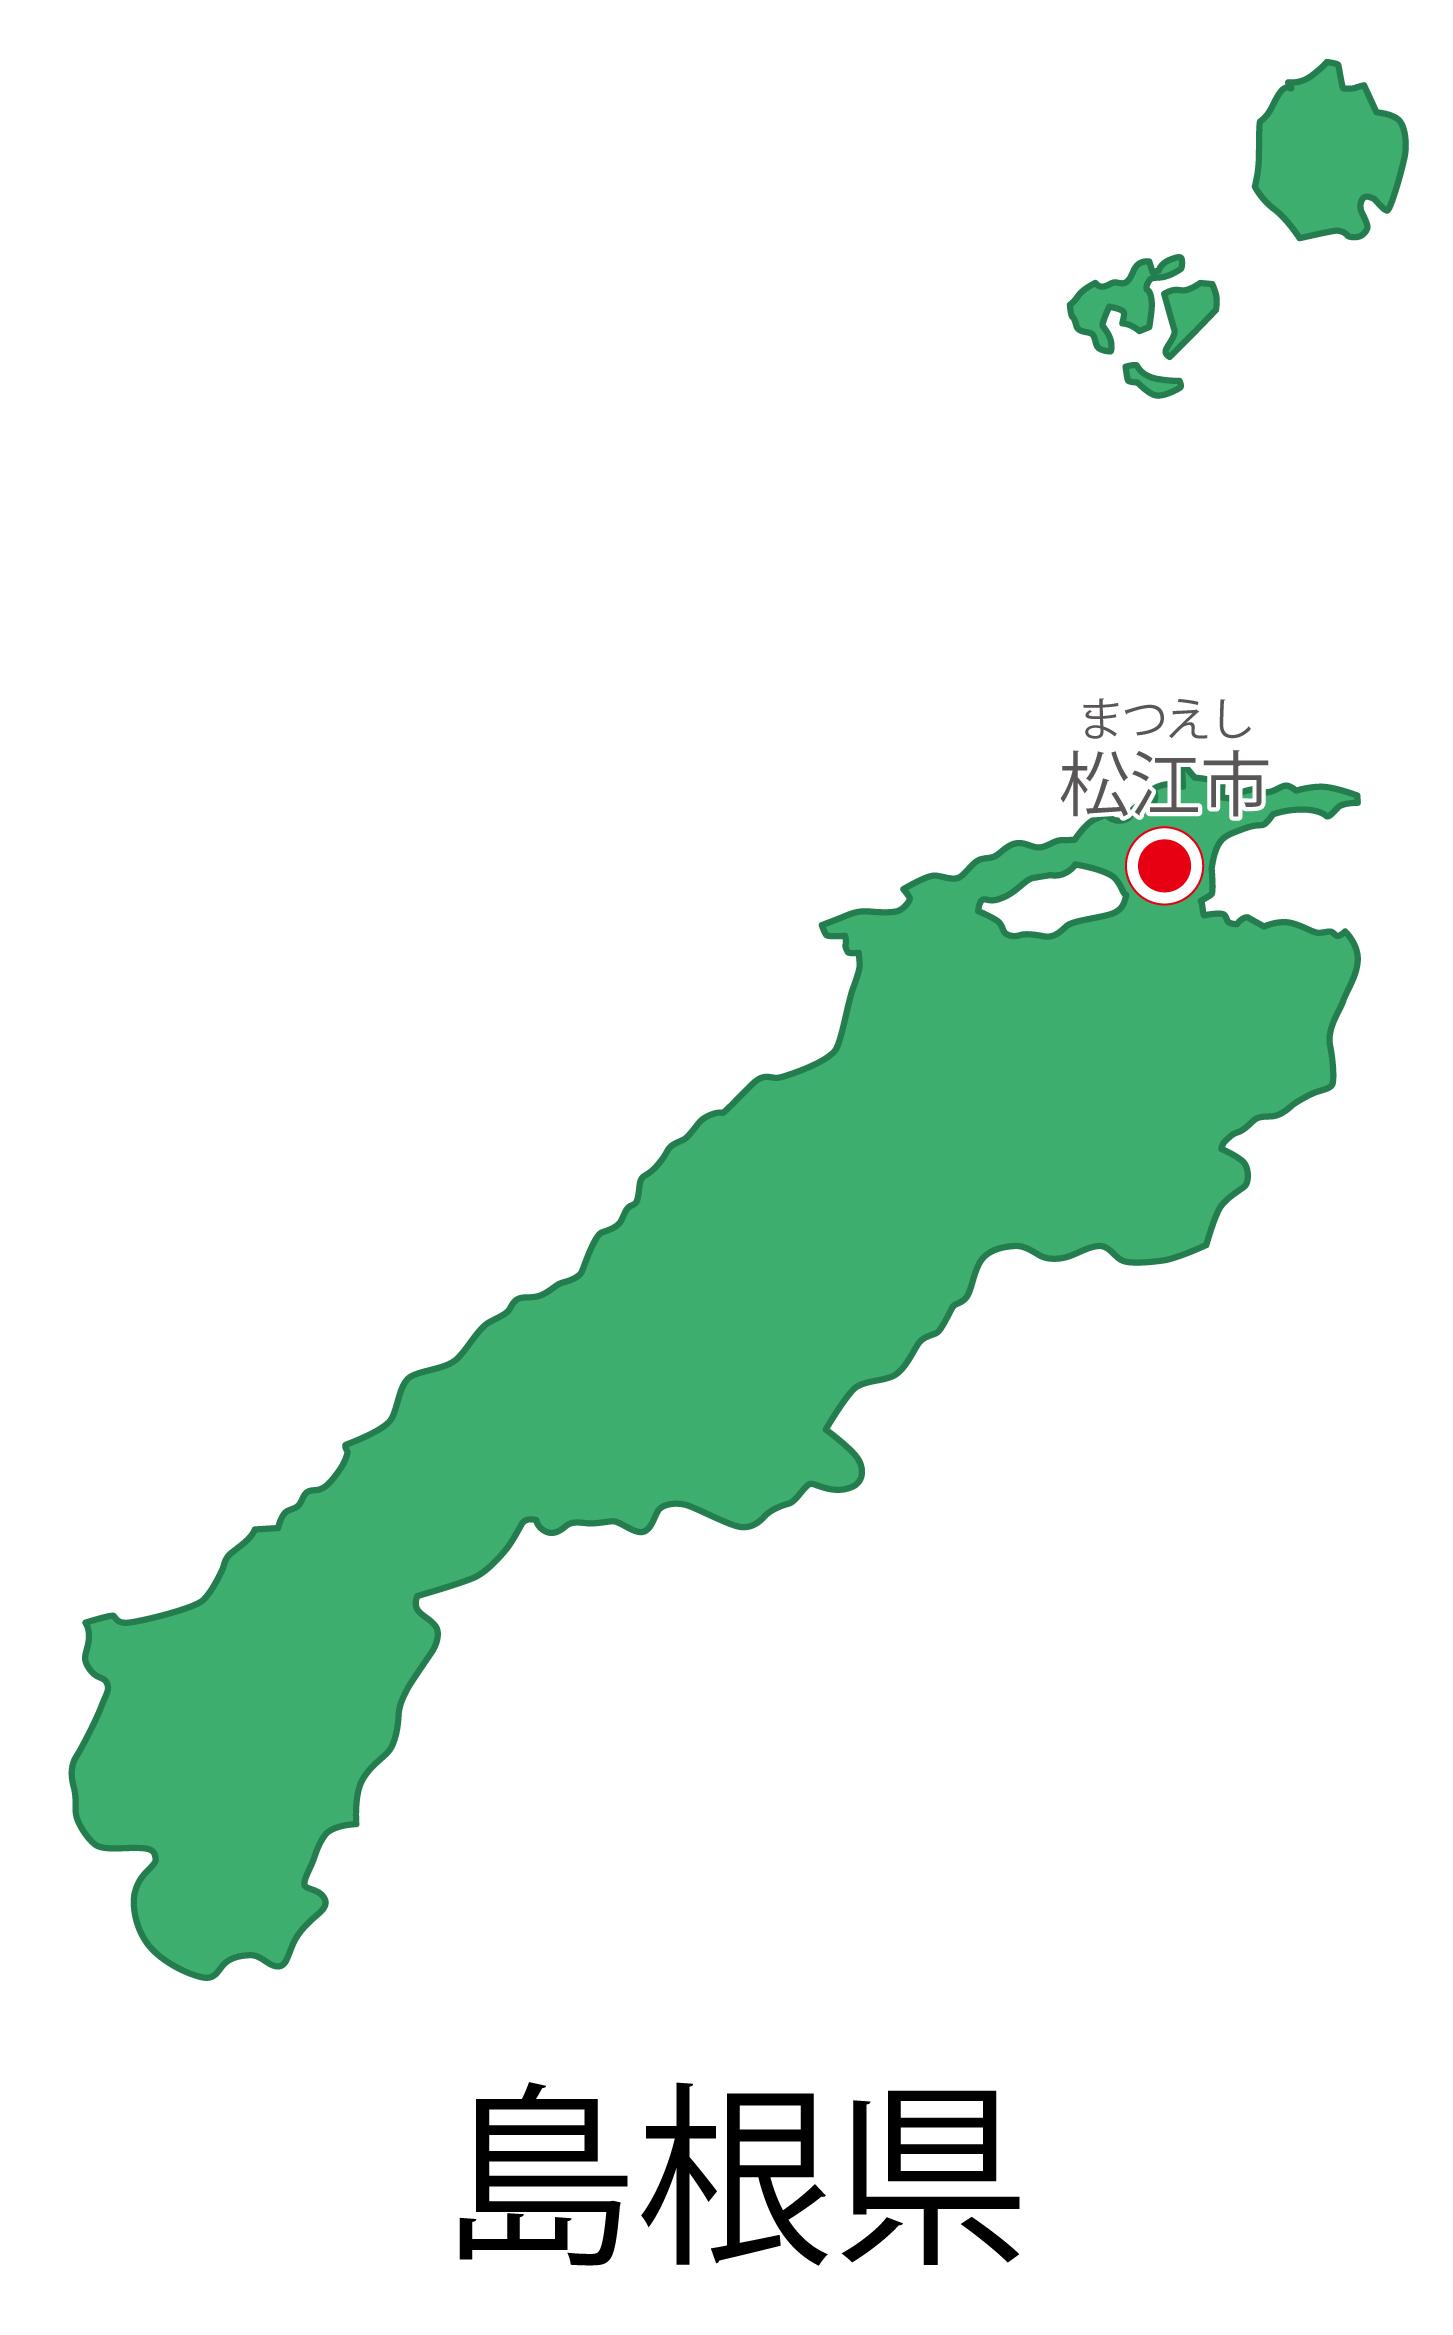 島根県無料フリーイラスト|日本語・都道府県名あり・県庁所在地あり・ルビあり(緑)